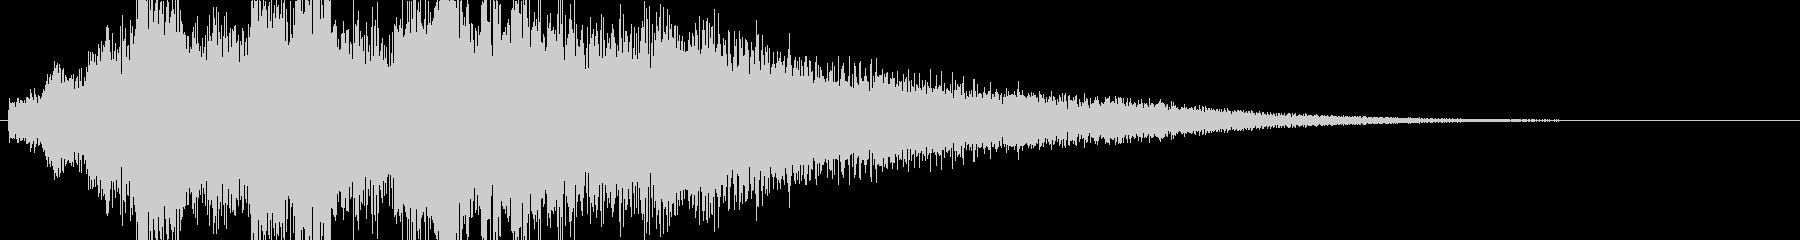 高音質♪サウンドロゴクリック音都会的の未再生の波形